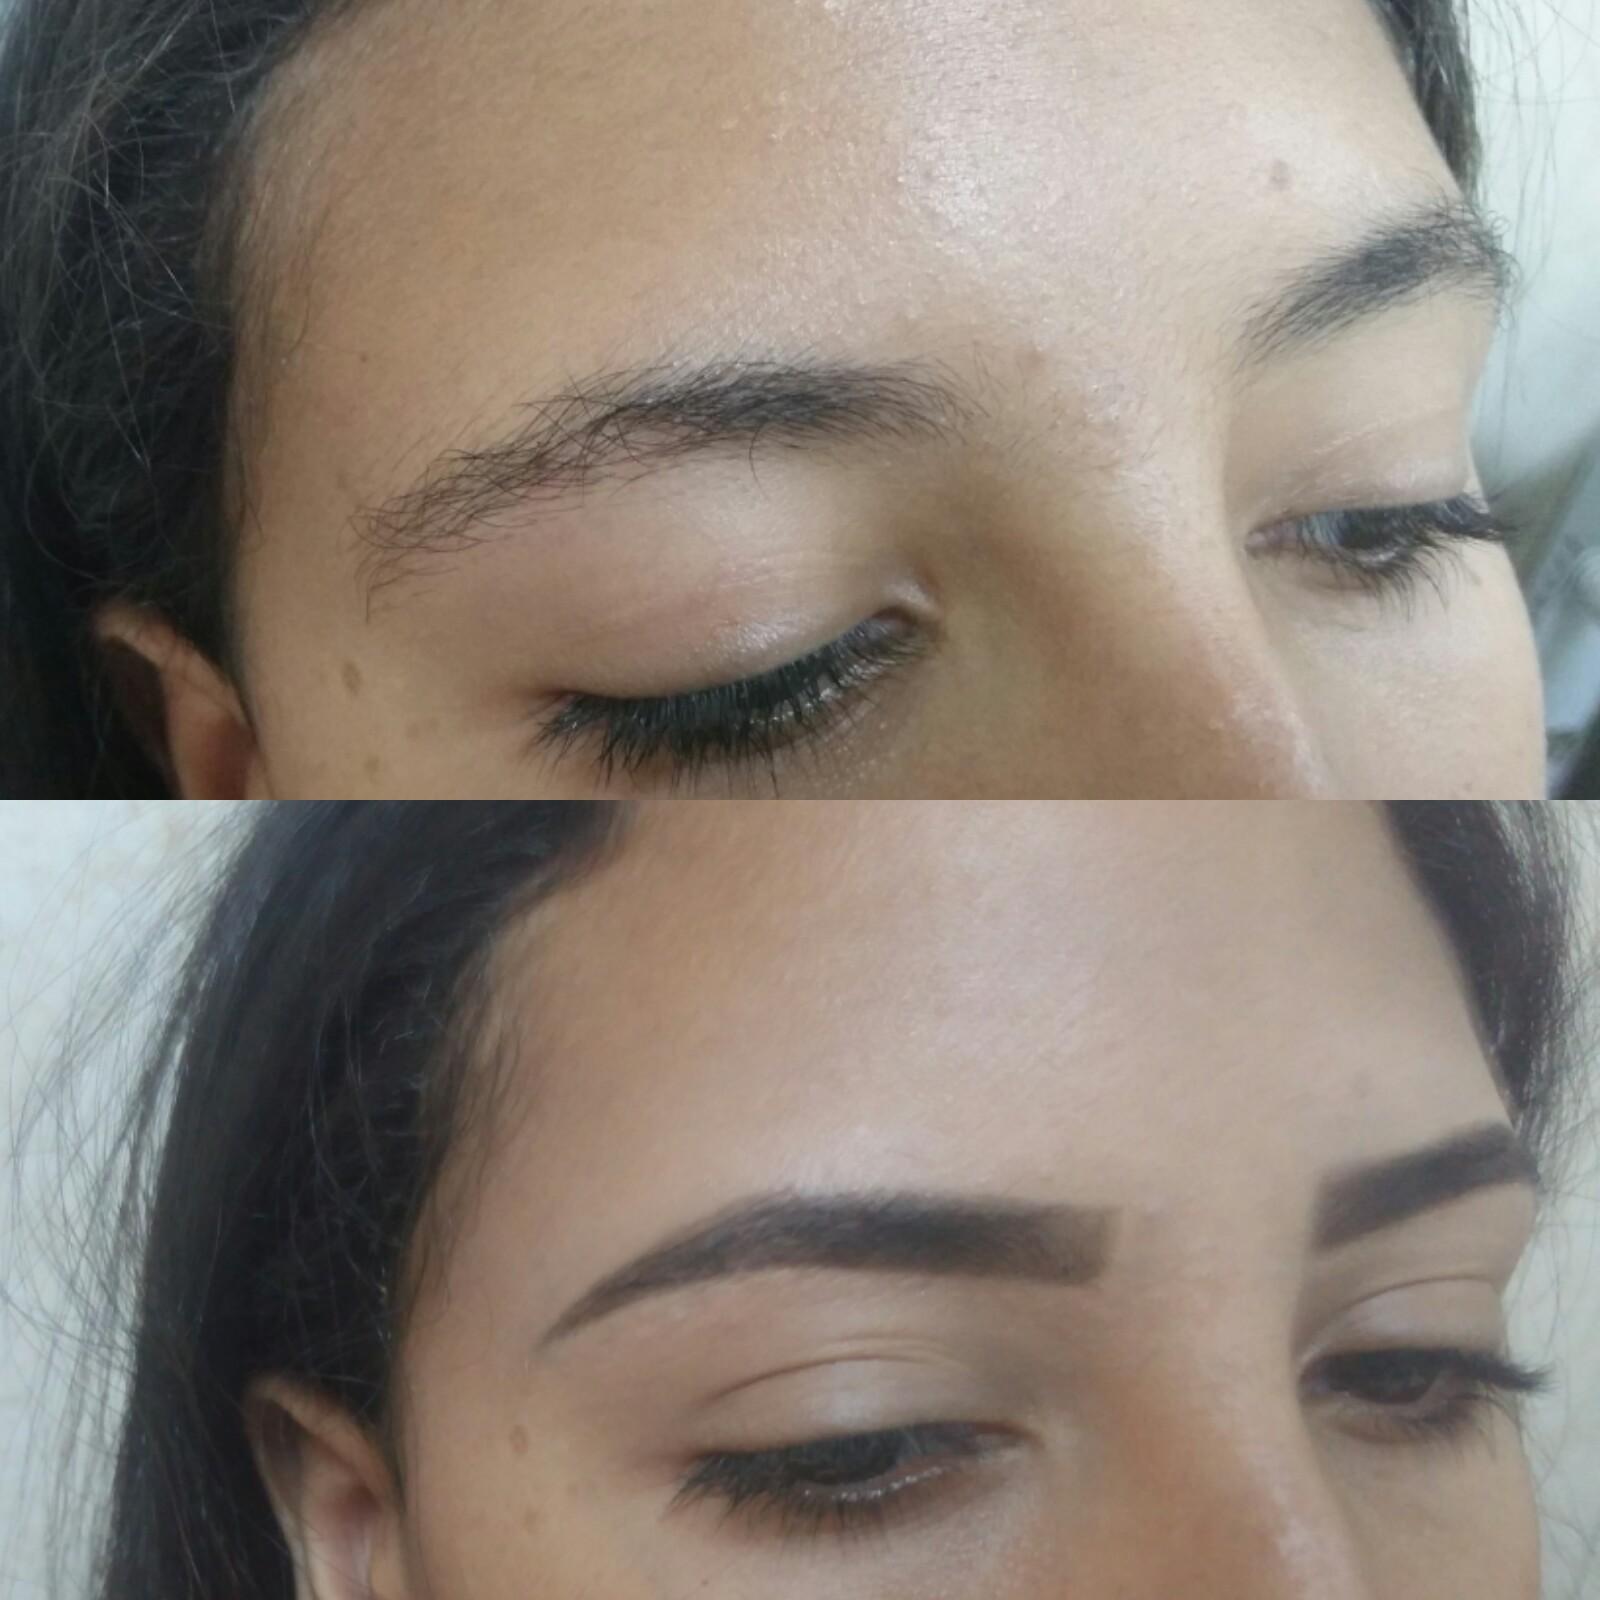 outros cabeleireiro(a) maquiador(a) depilador(a) auxiliar cabeleireiro(a) designer de sobrancelhas escovista assistente maquiador(a)